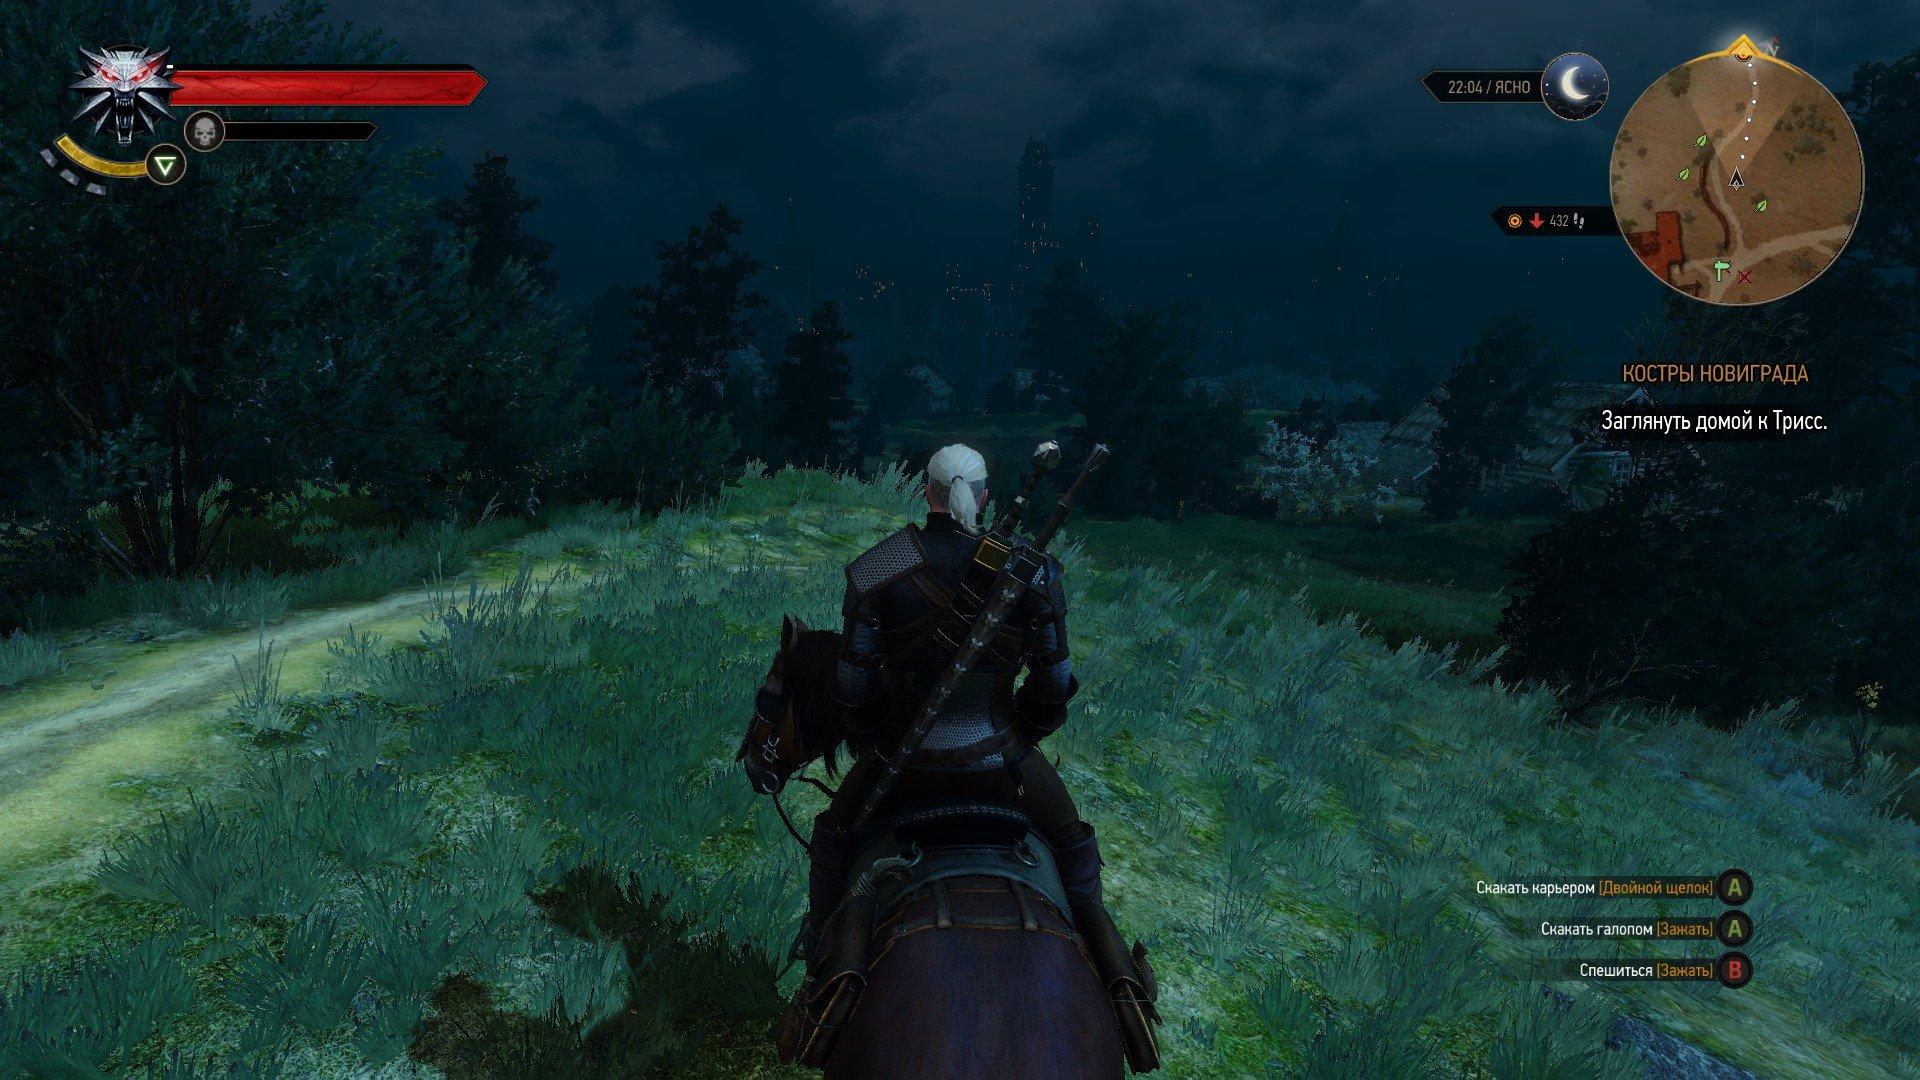 The Witcher 3: Wild Hunt. Список изменений патча 1.10. Часть 2.   Стабильность:   - Исправлены проблемы сбоя на аппа .... - Изображение 6